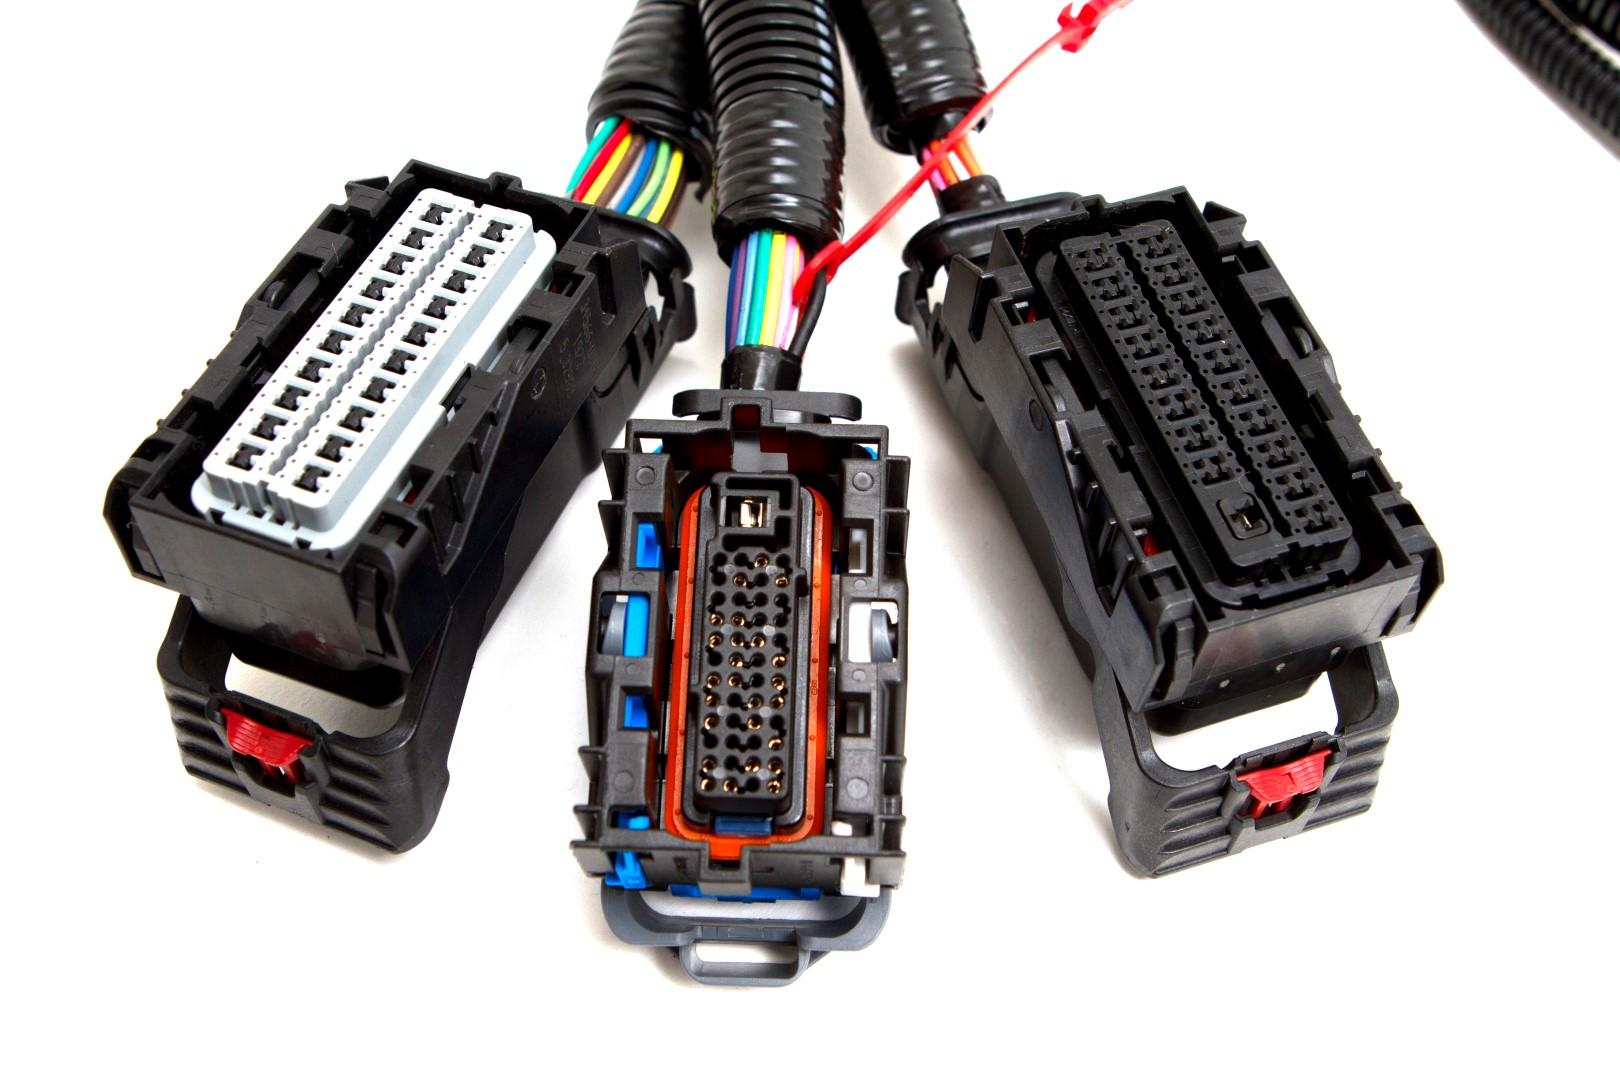 ls2 wiring harness  05  07    ls2     6 0l  58x standalone    wiring       harness    w 4l60e   05  07    ls2     6 0l  58x standalone    wiring       harness    w 4l60e